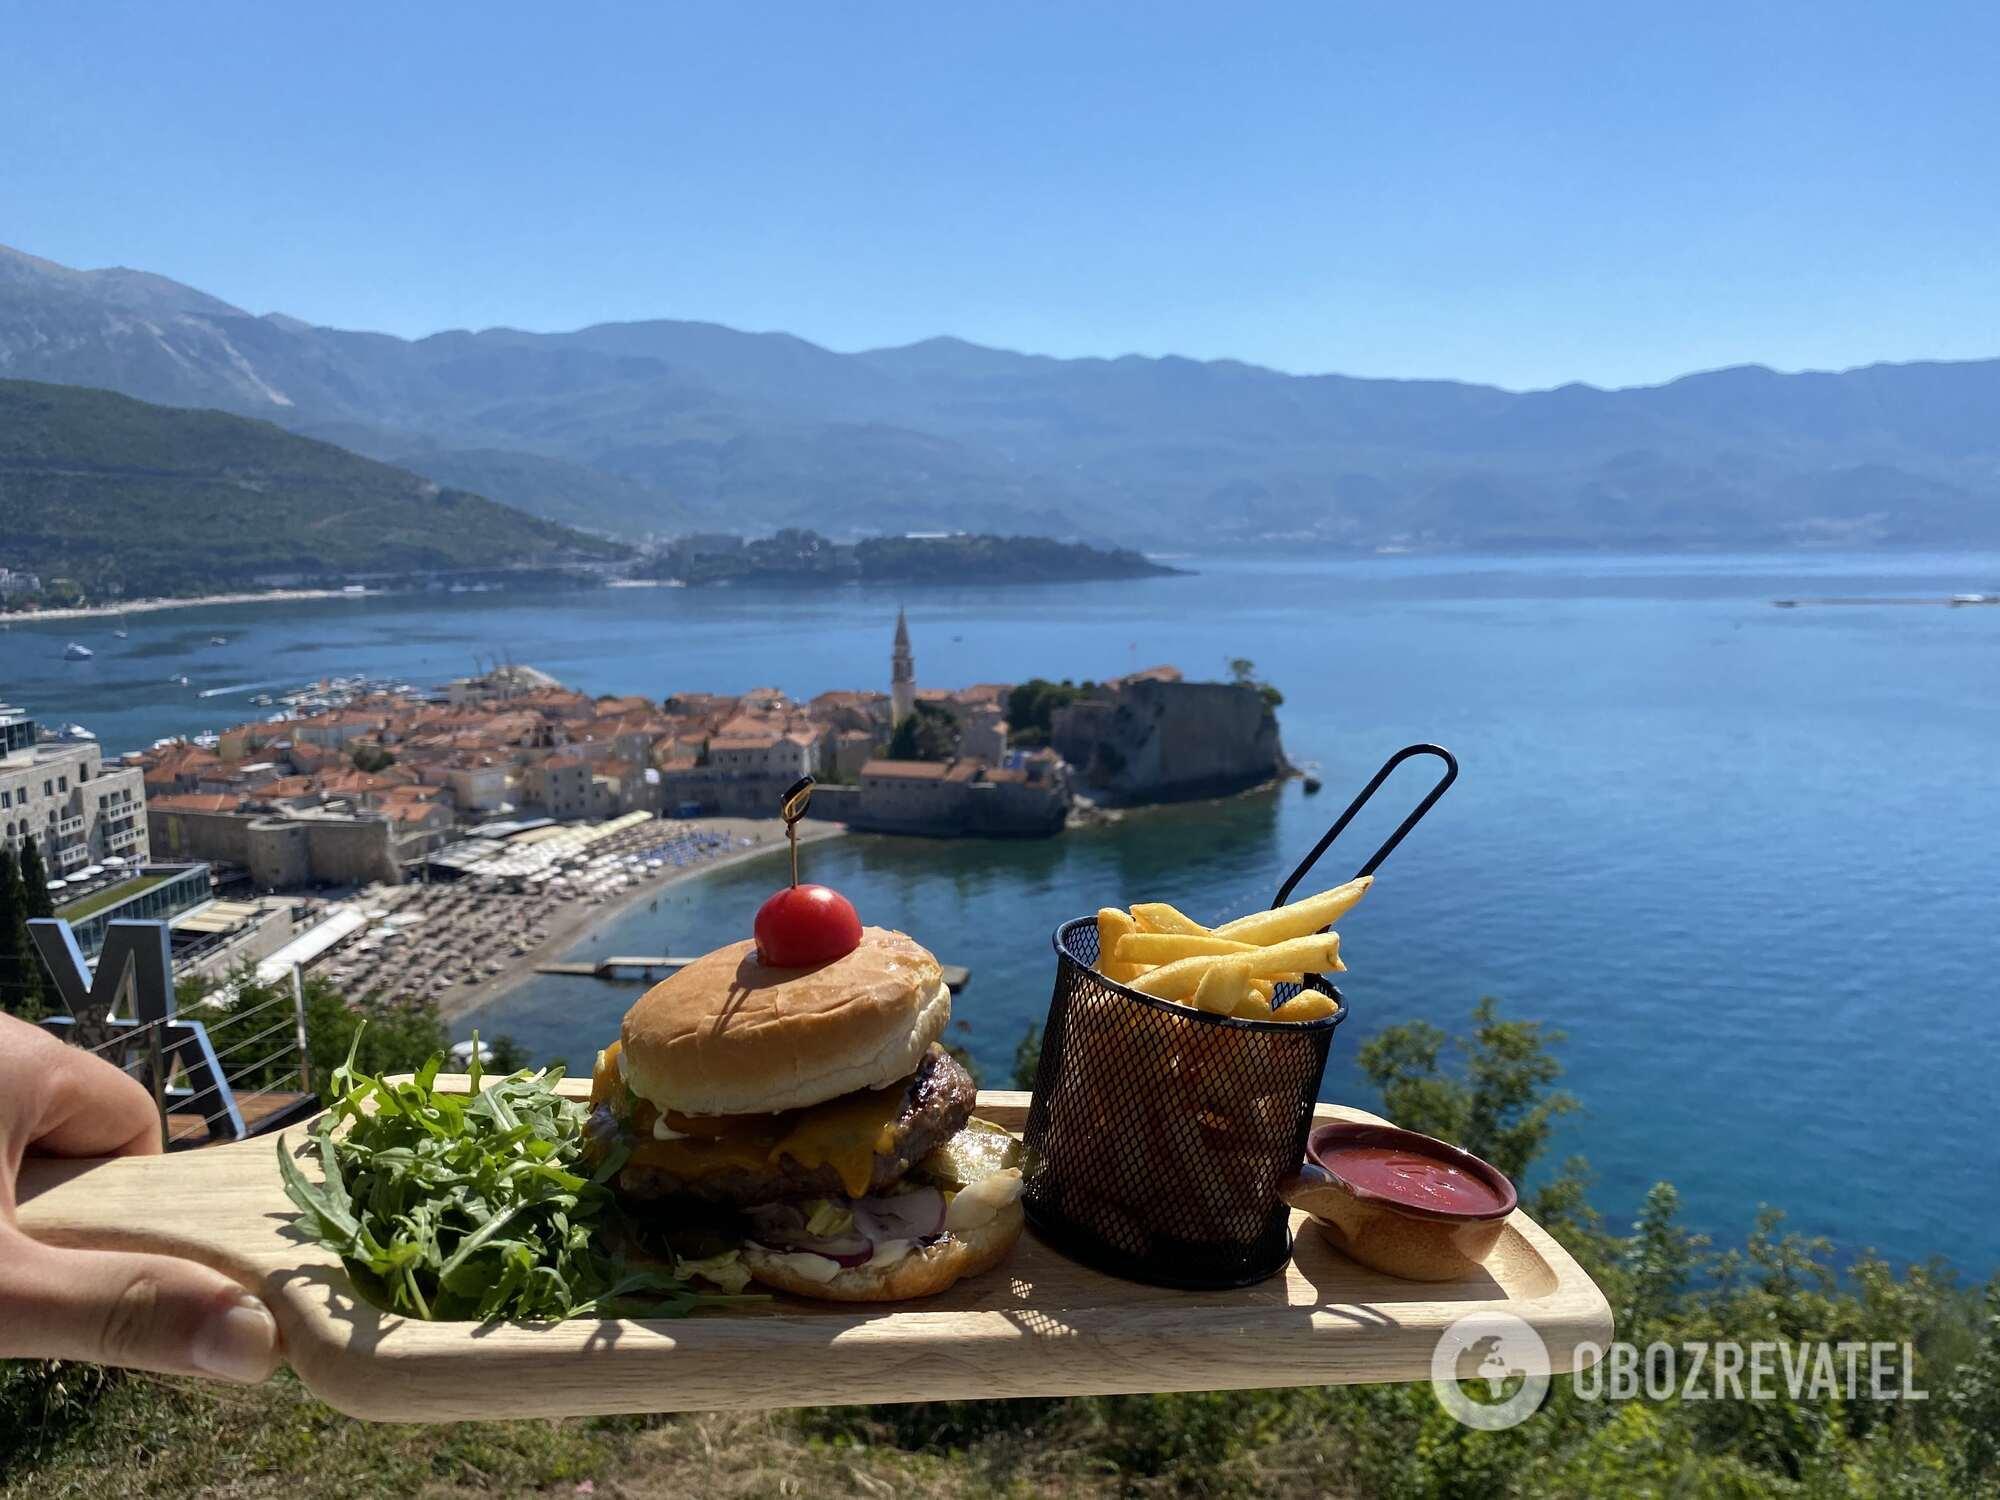 Отдых в Черногории: самая прекрасная встреча земли и моря!